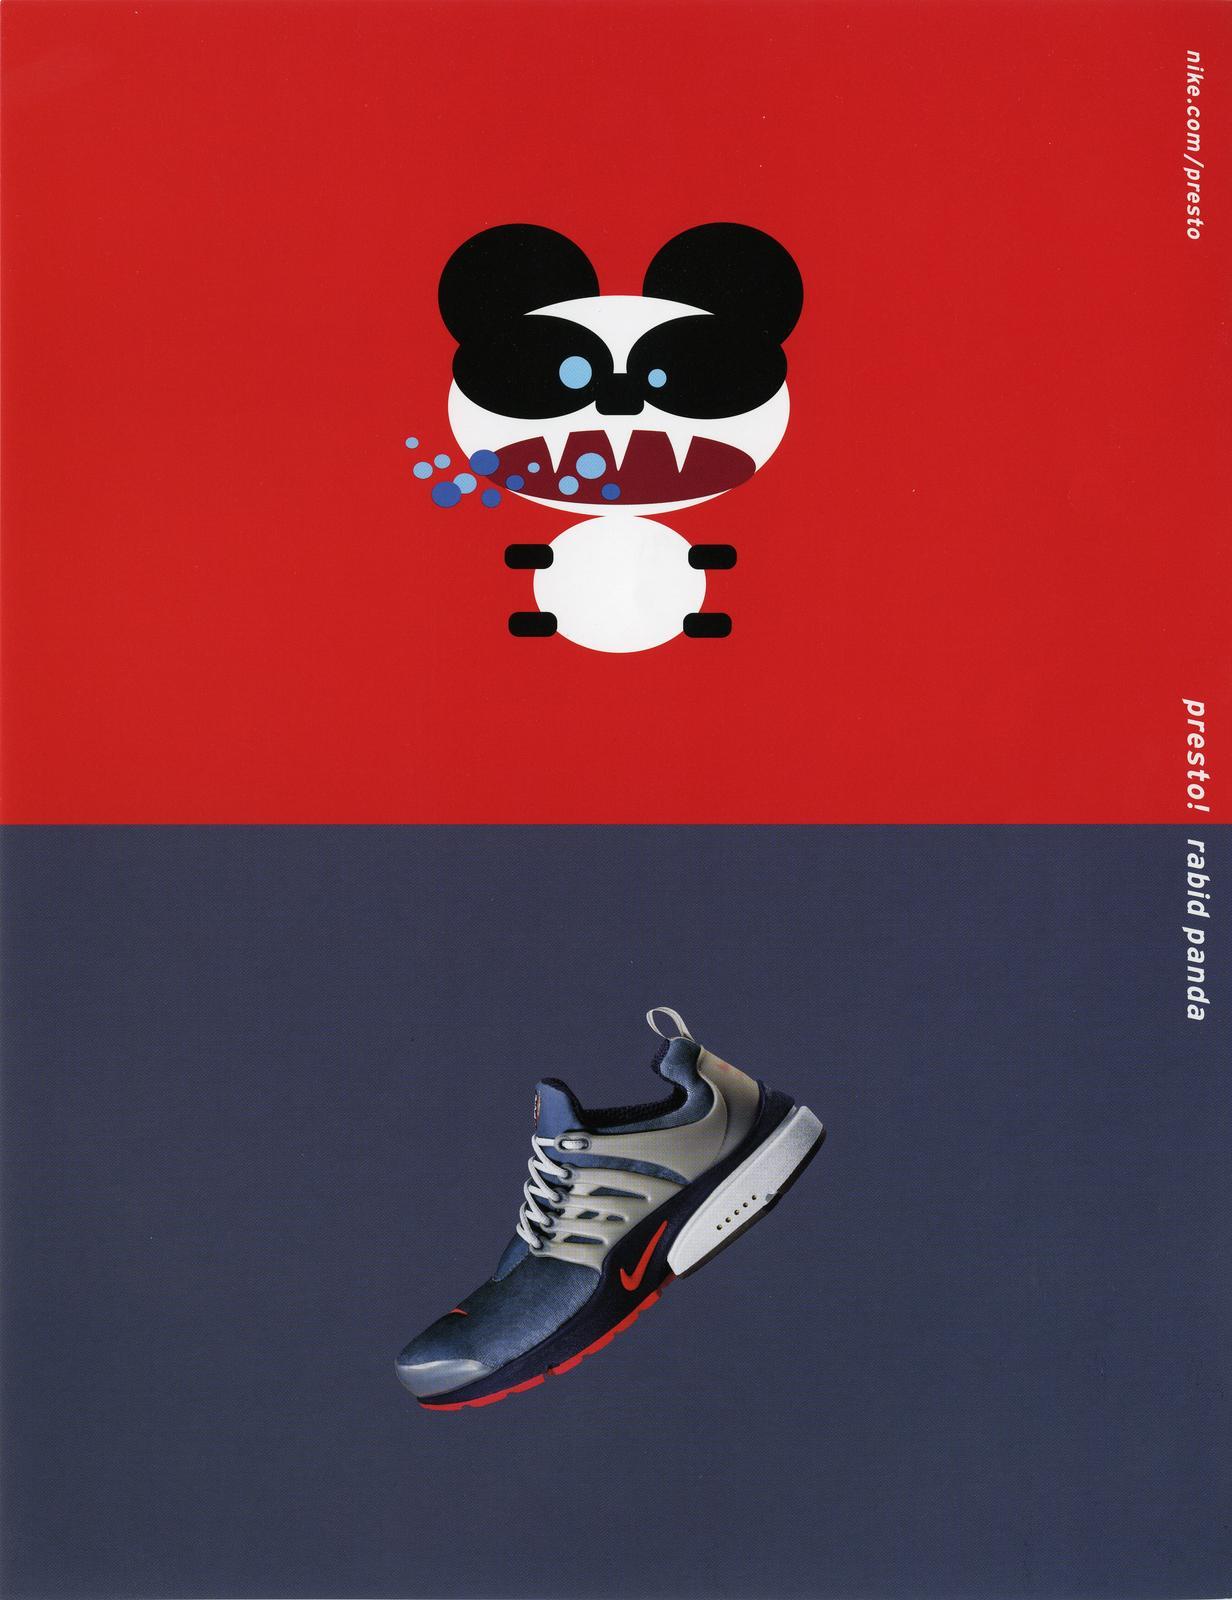 Nike Air Presto 2000 Rabid Panda